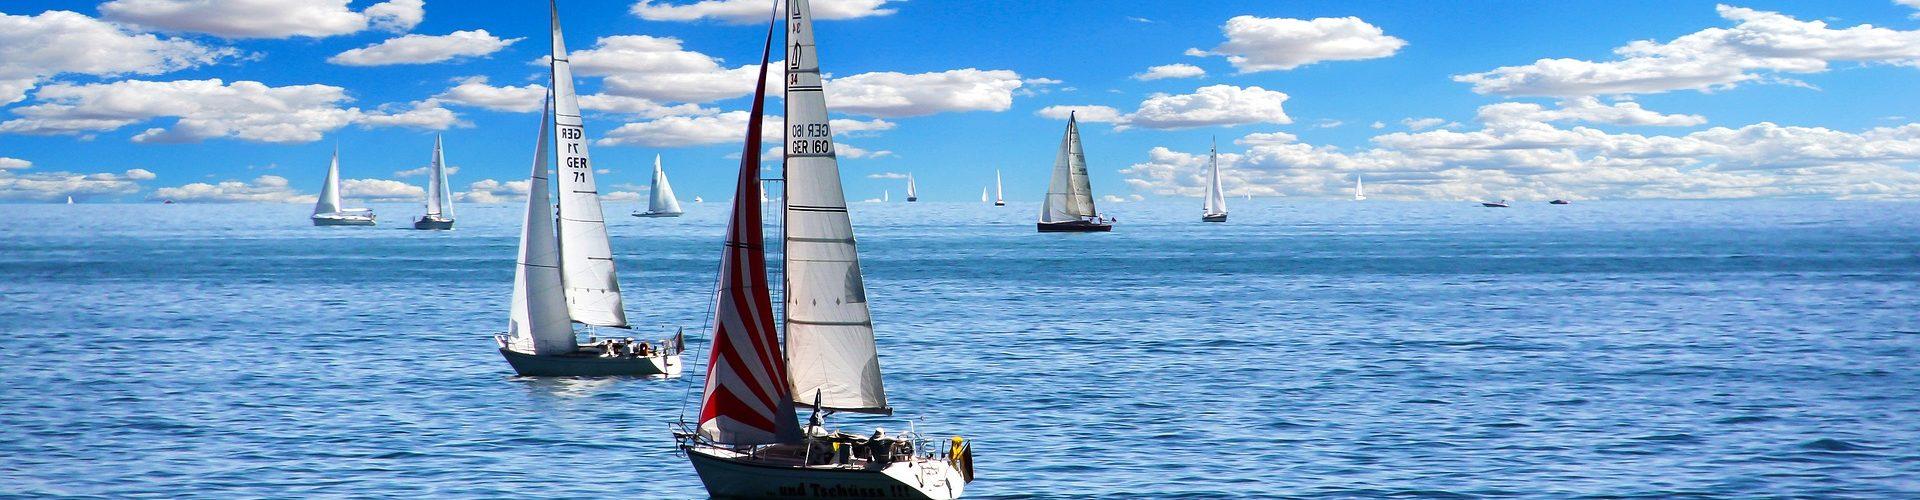 segeln lernen in Friedeburg Wiesedermeer segelschein machen in Friedeburg Wiesedermeer 1920x500 - Segeln lernen in Friedeburg Wiesedermeer